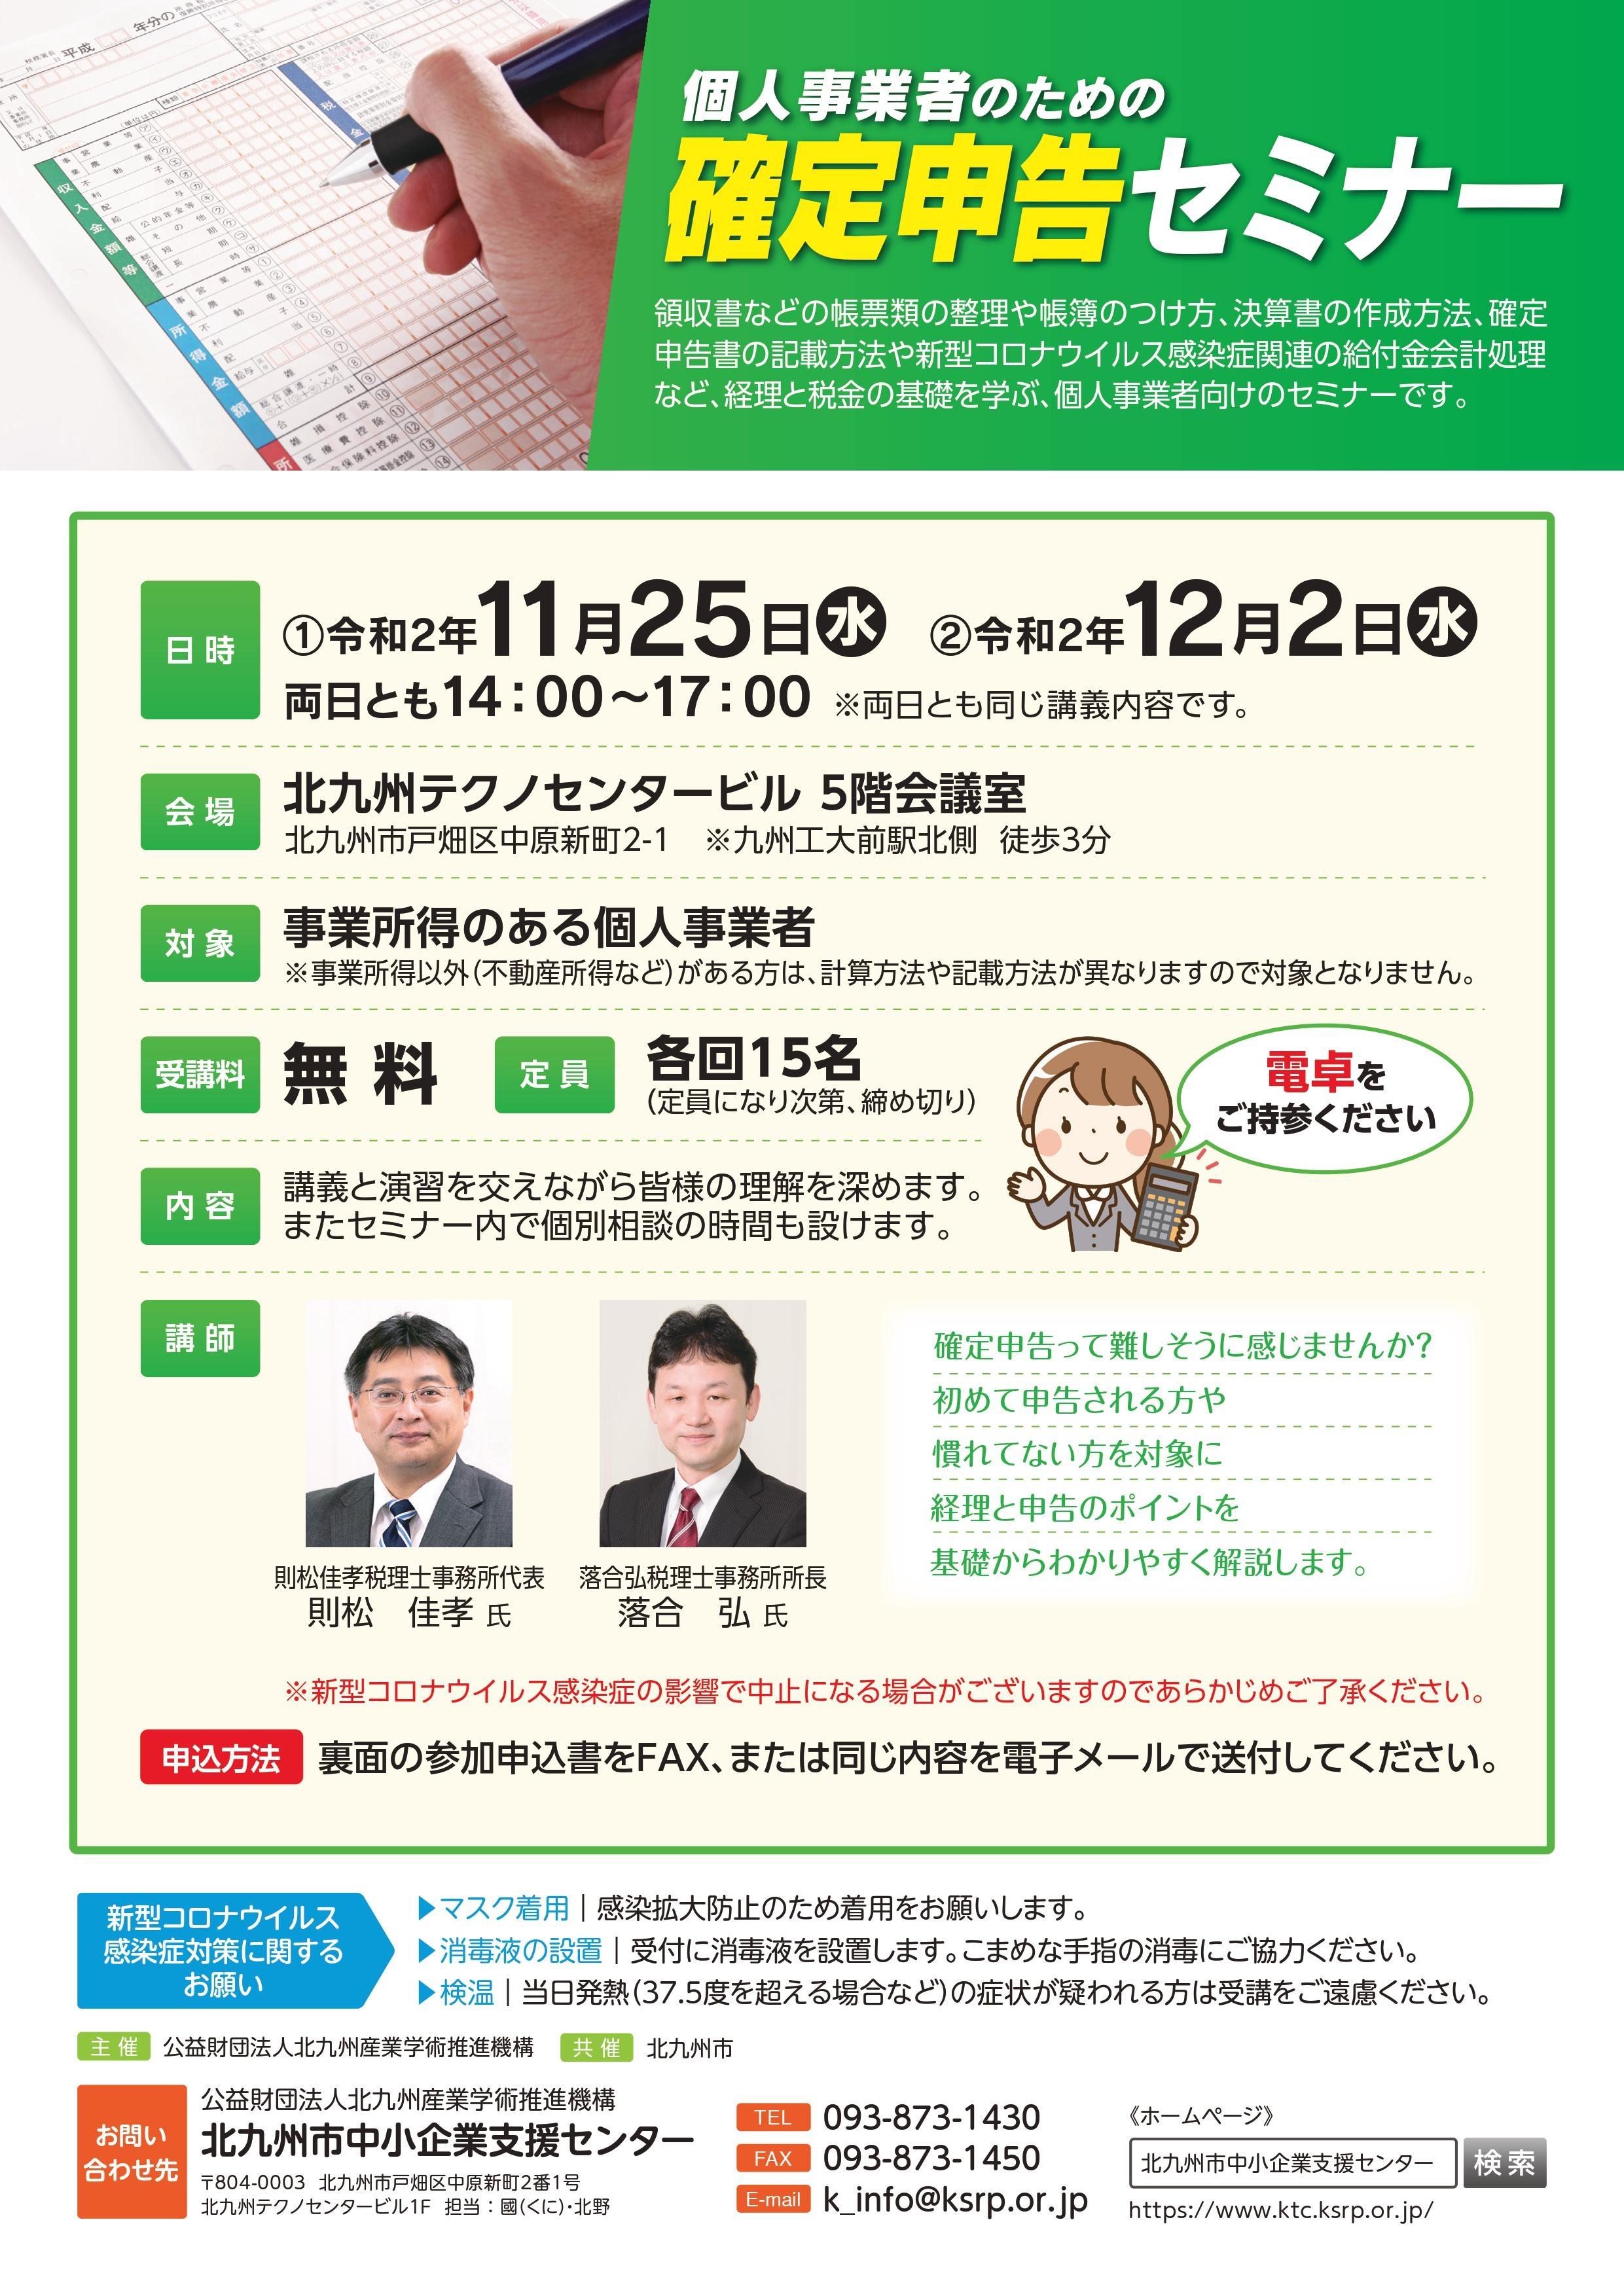 http://www.ksrp.or.jp/fais/news/r2kakutei_chirashi.jpg